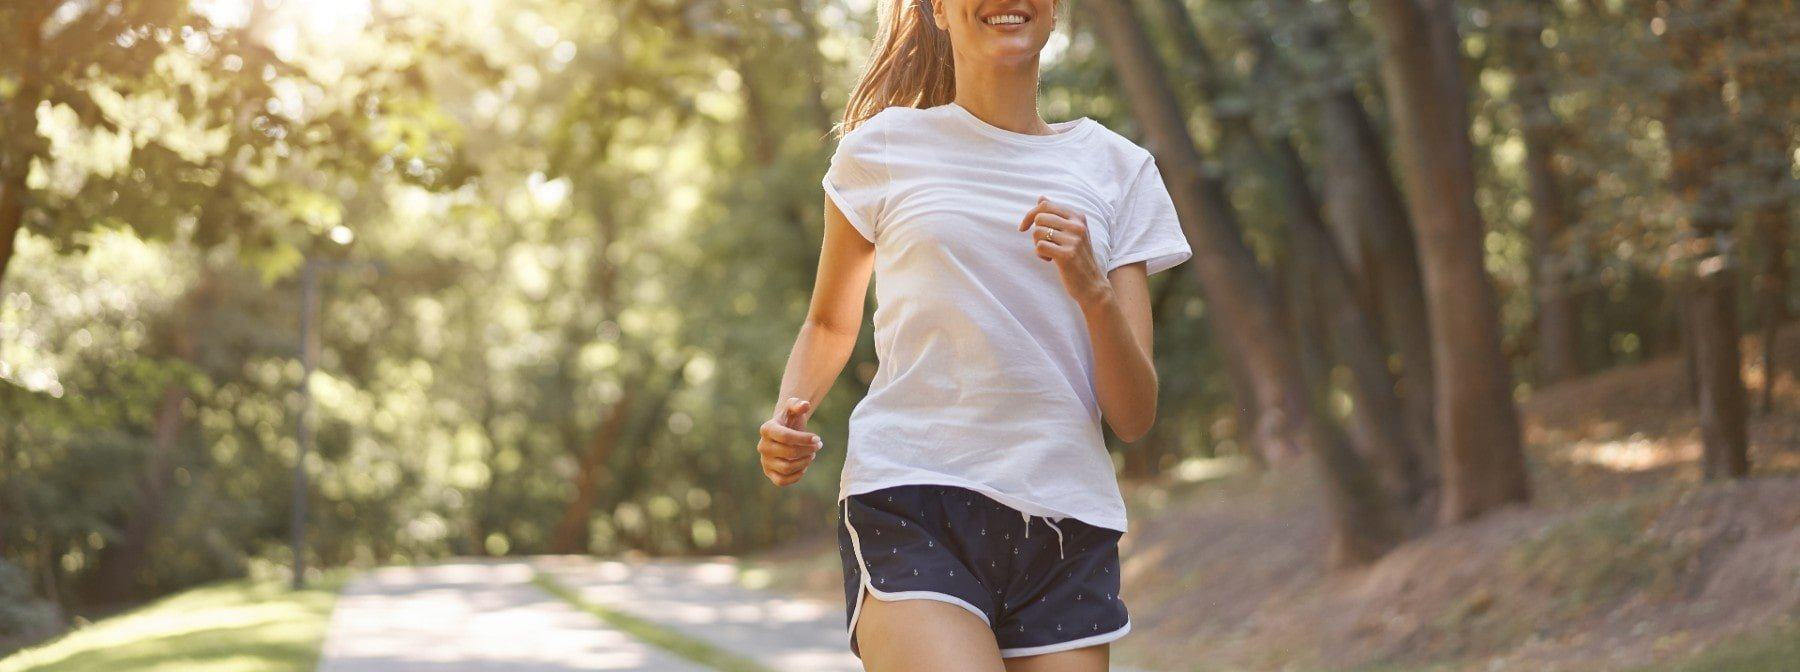 Die besten 5 Gym-Shorts in diesem Sommer für Frauen